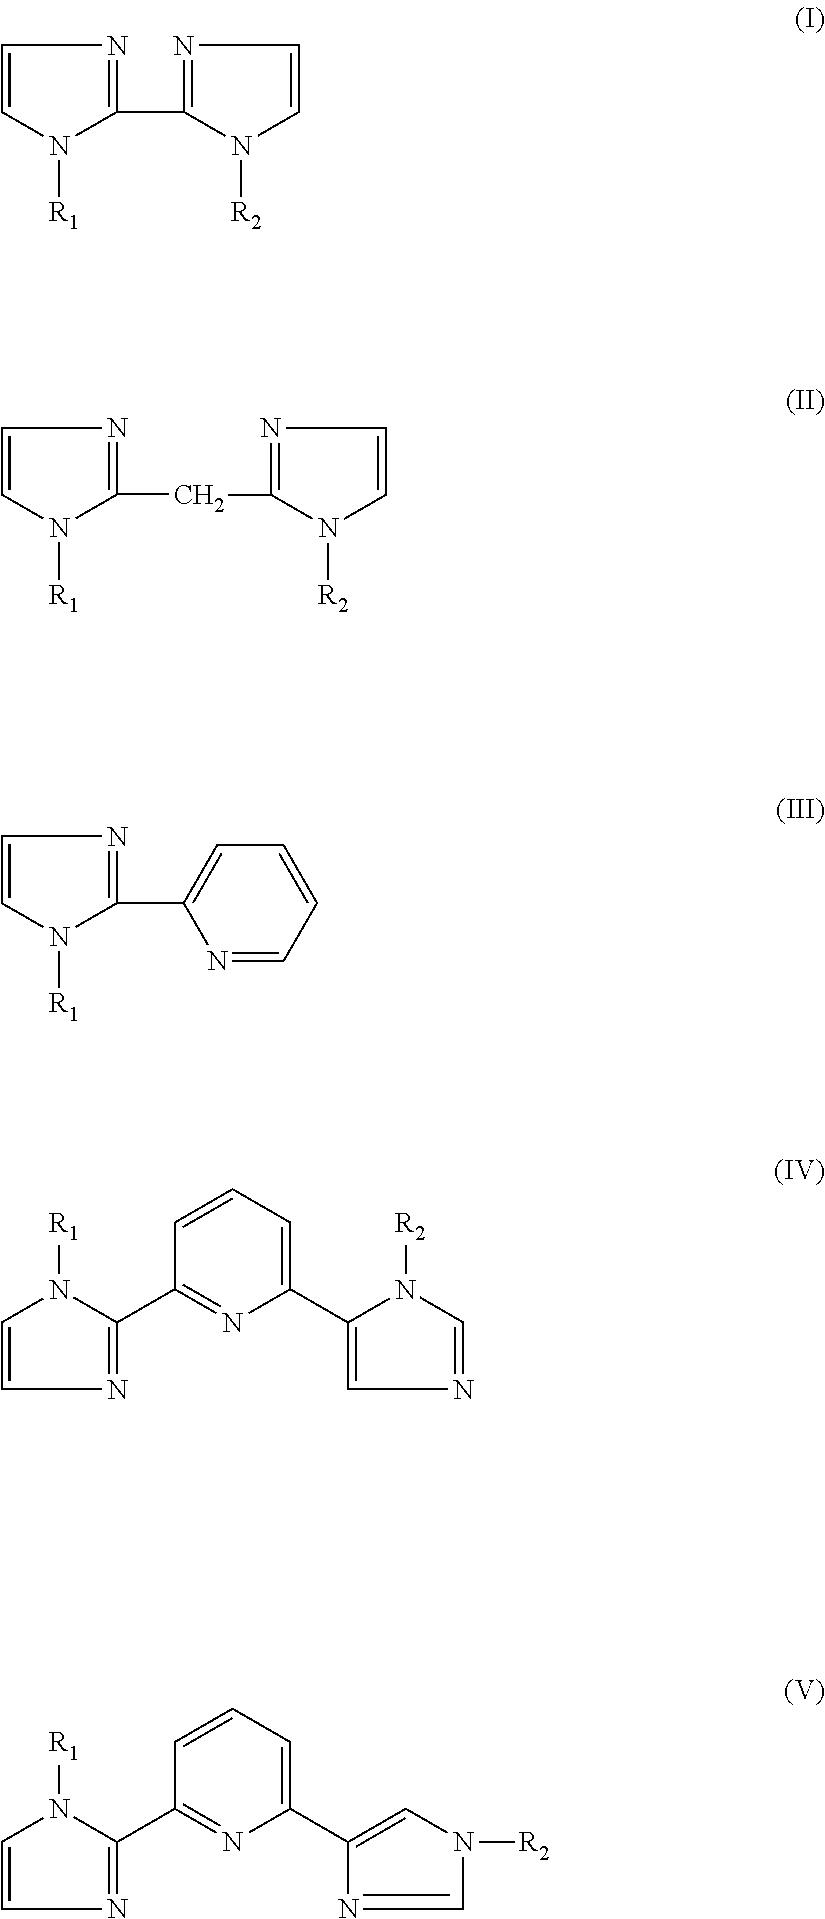 Figure US20100018870A1-20100128-C00001